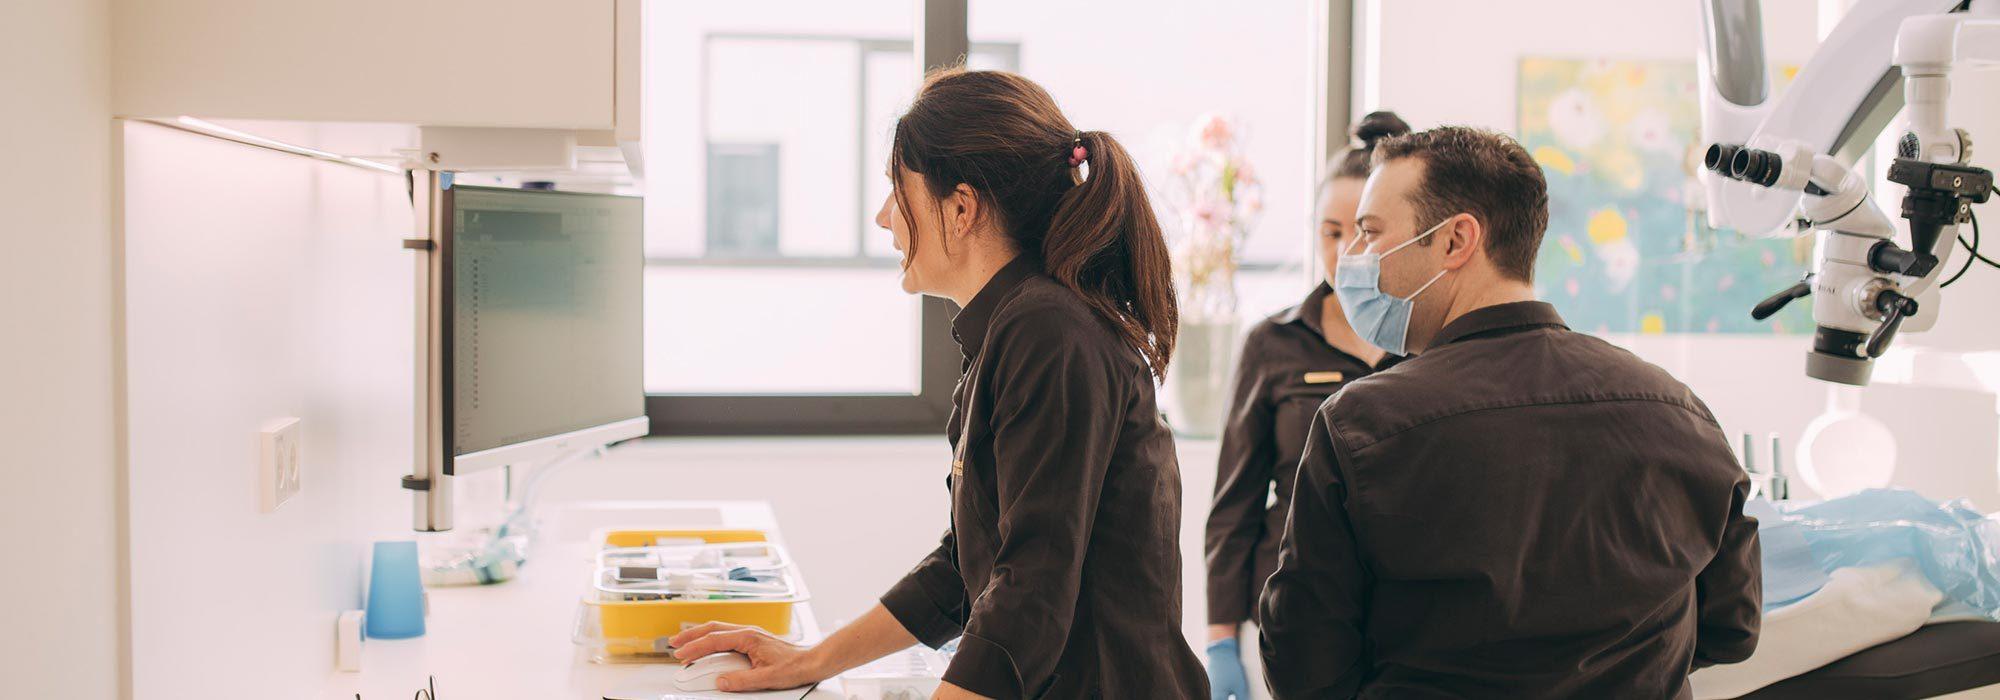 Dr. Susann Kamm und Dr. Andreas Euchner schauen sich Details zur Zahnwurzelbehandlung in Baden-Baden auf dem Monitor an.